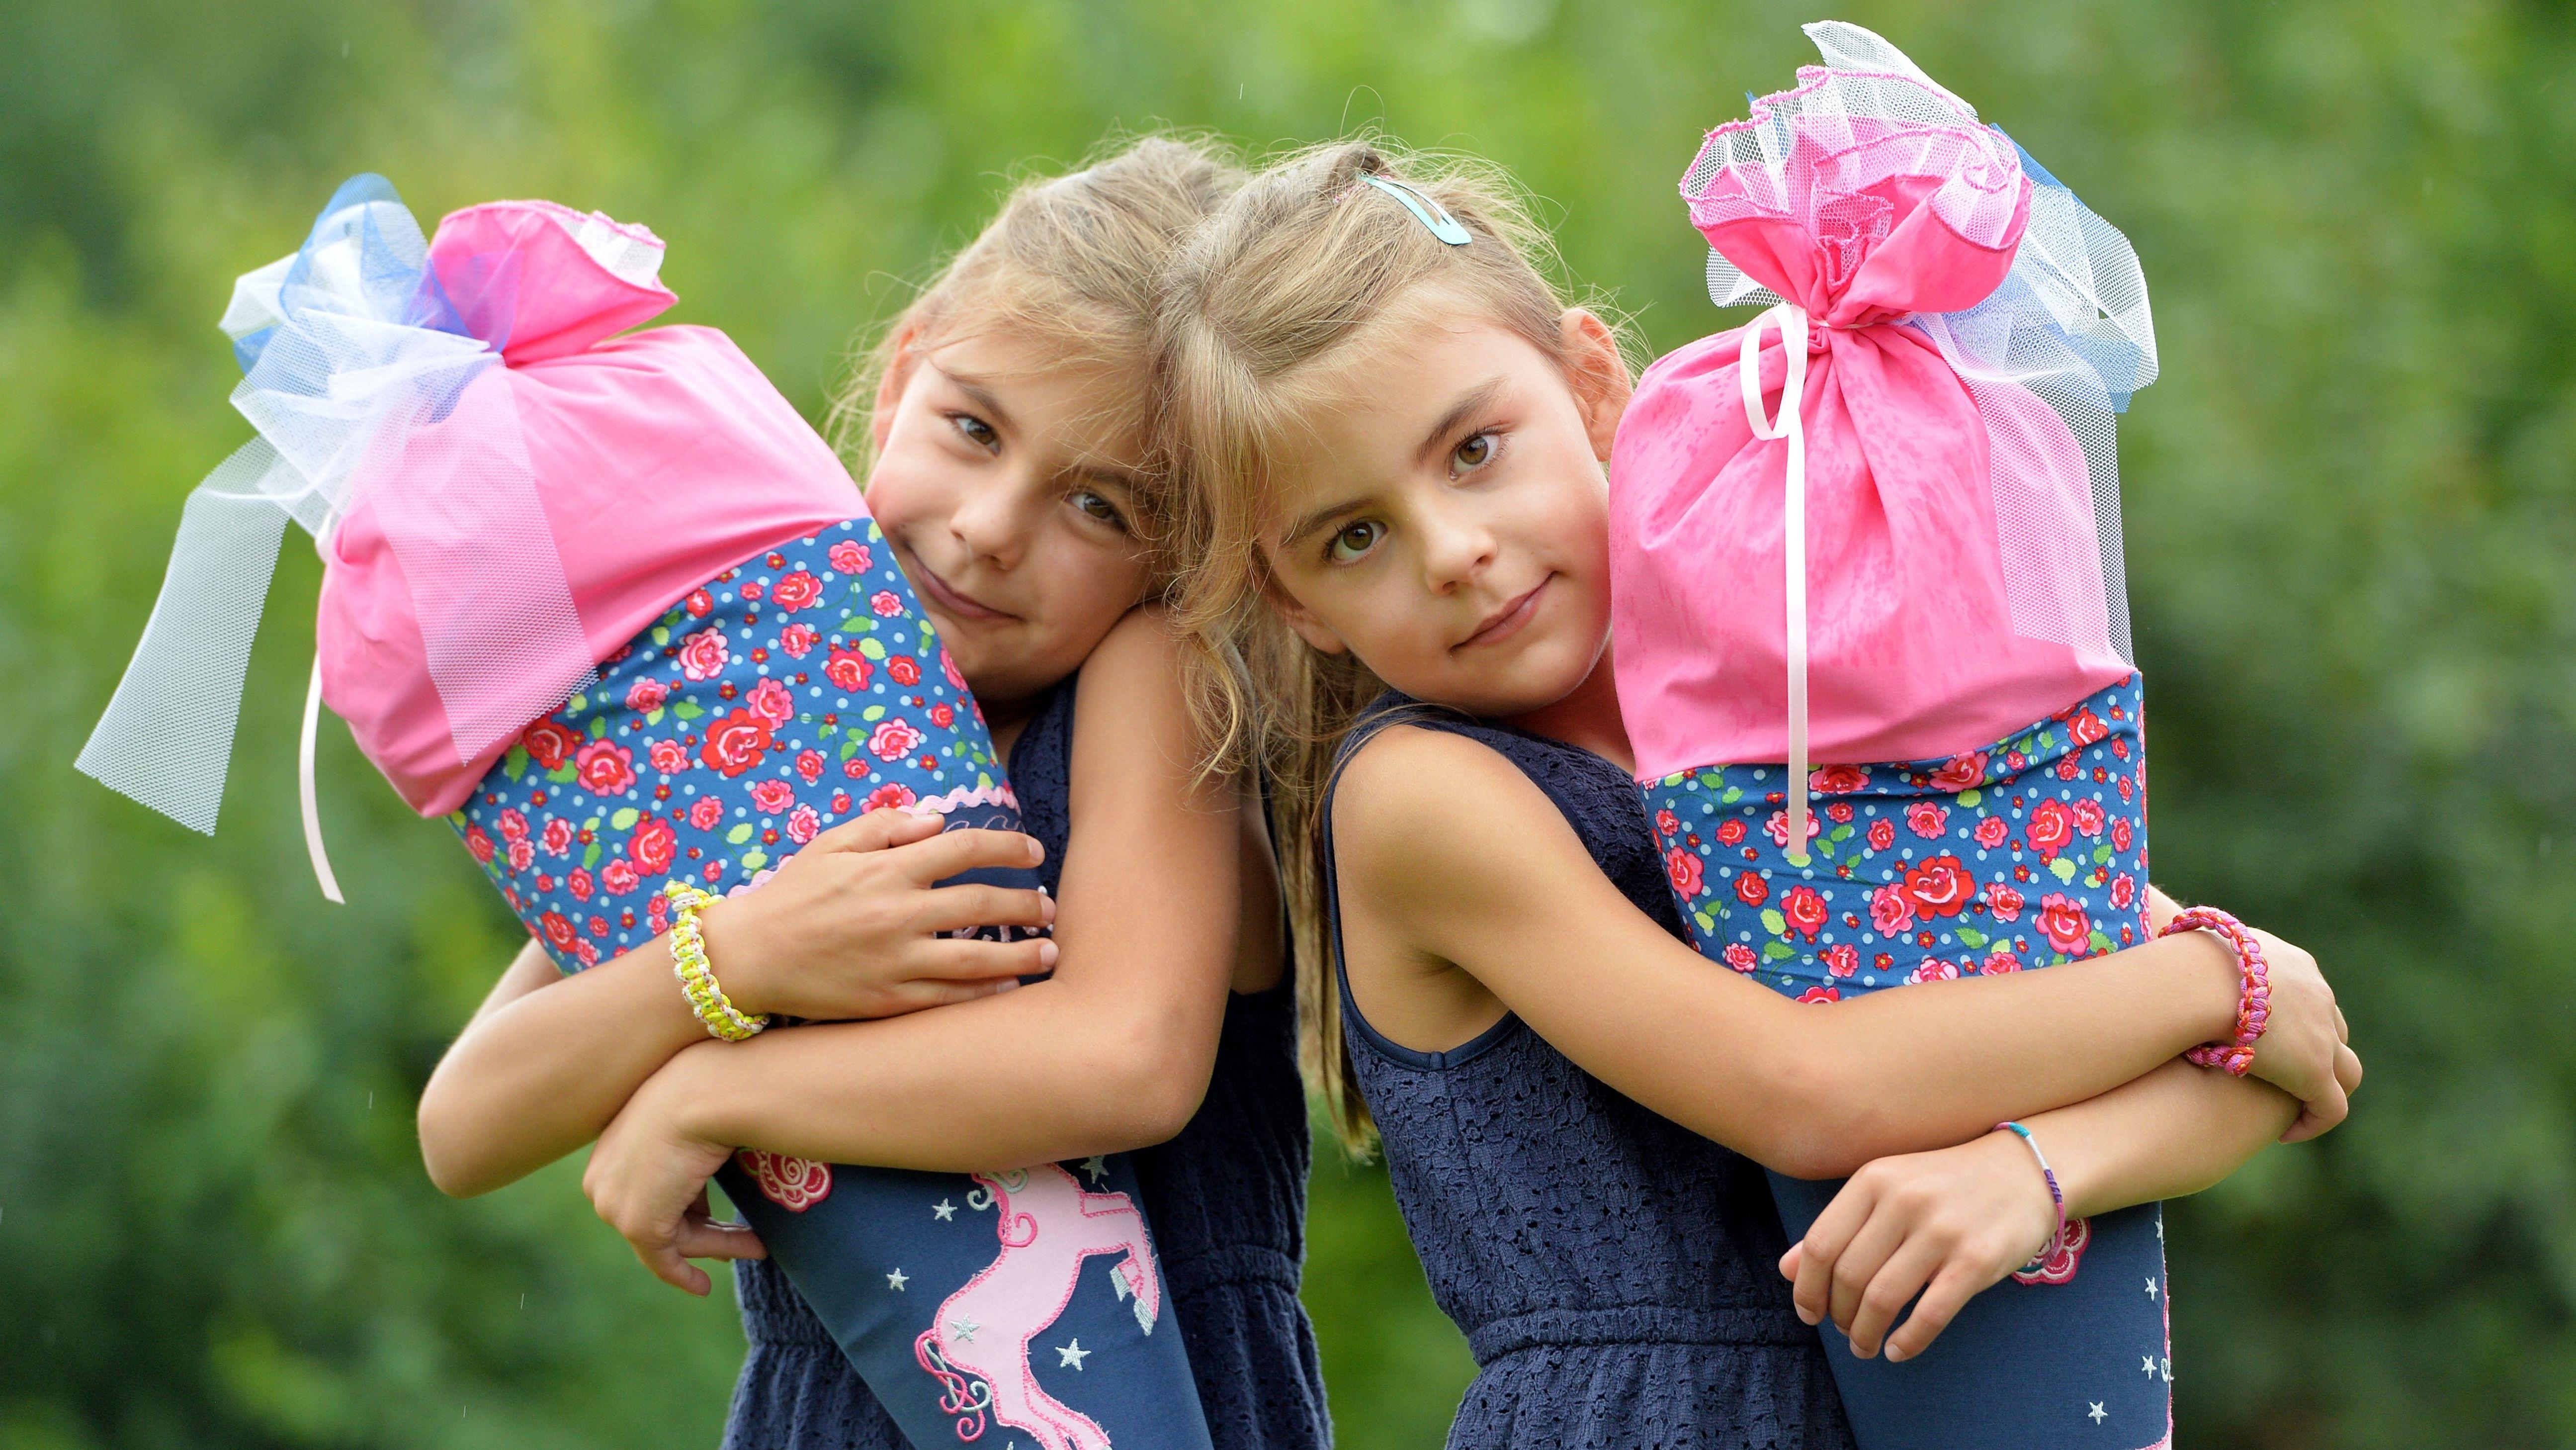 Zwei Mädchen am Tag ihrer Einschulung